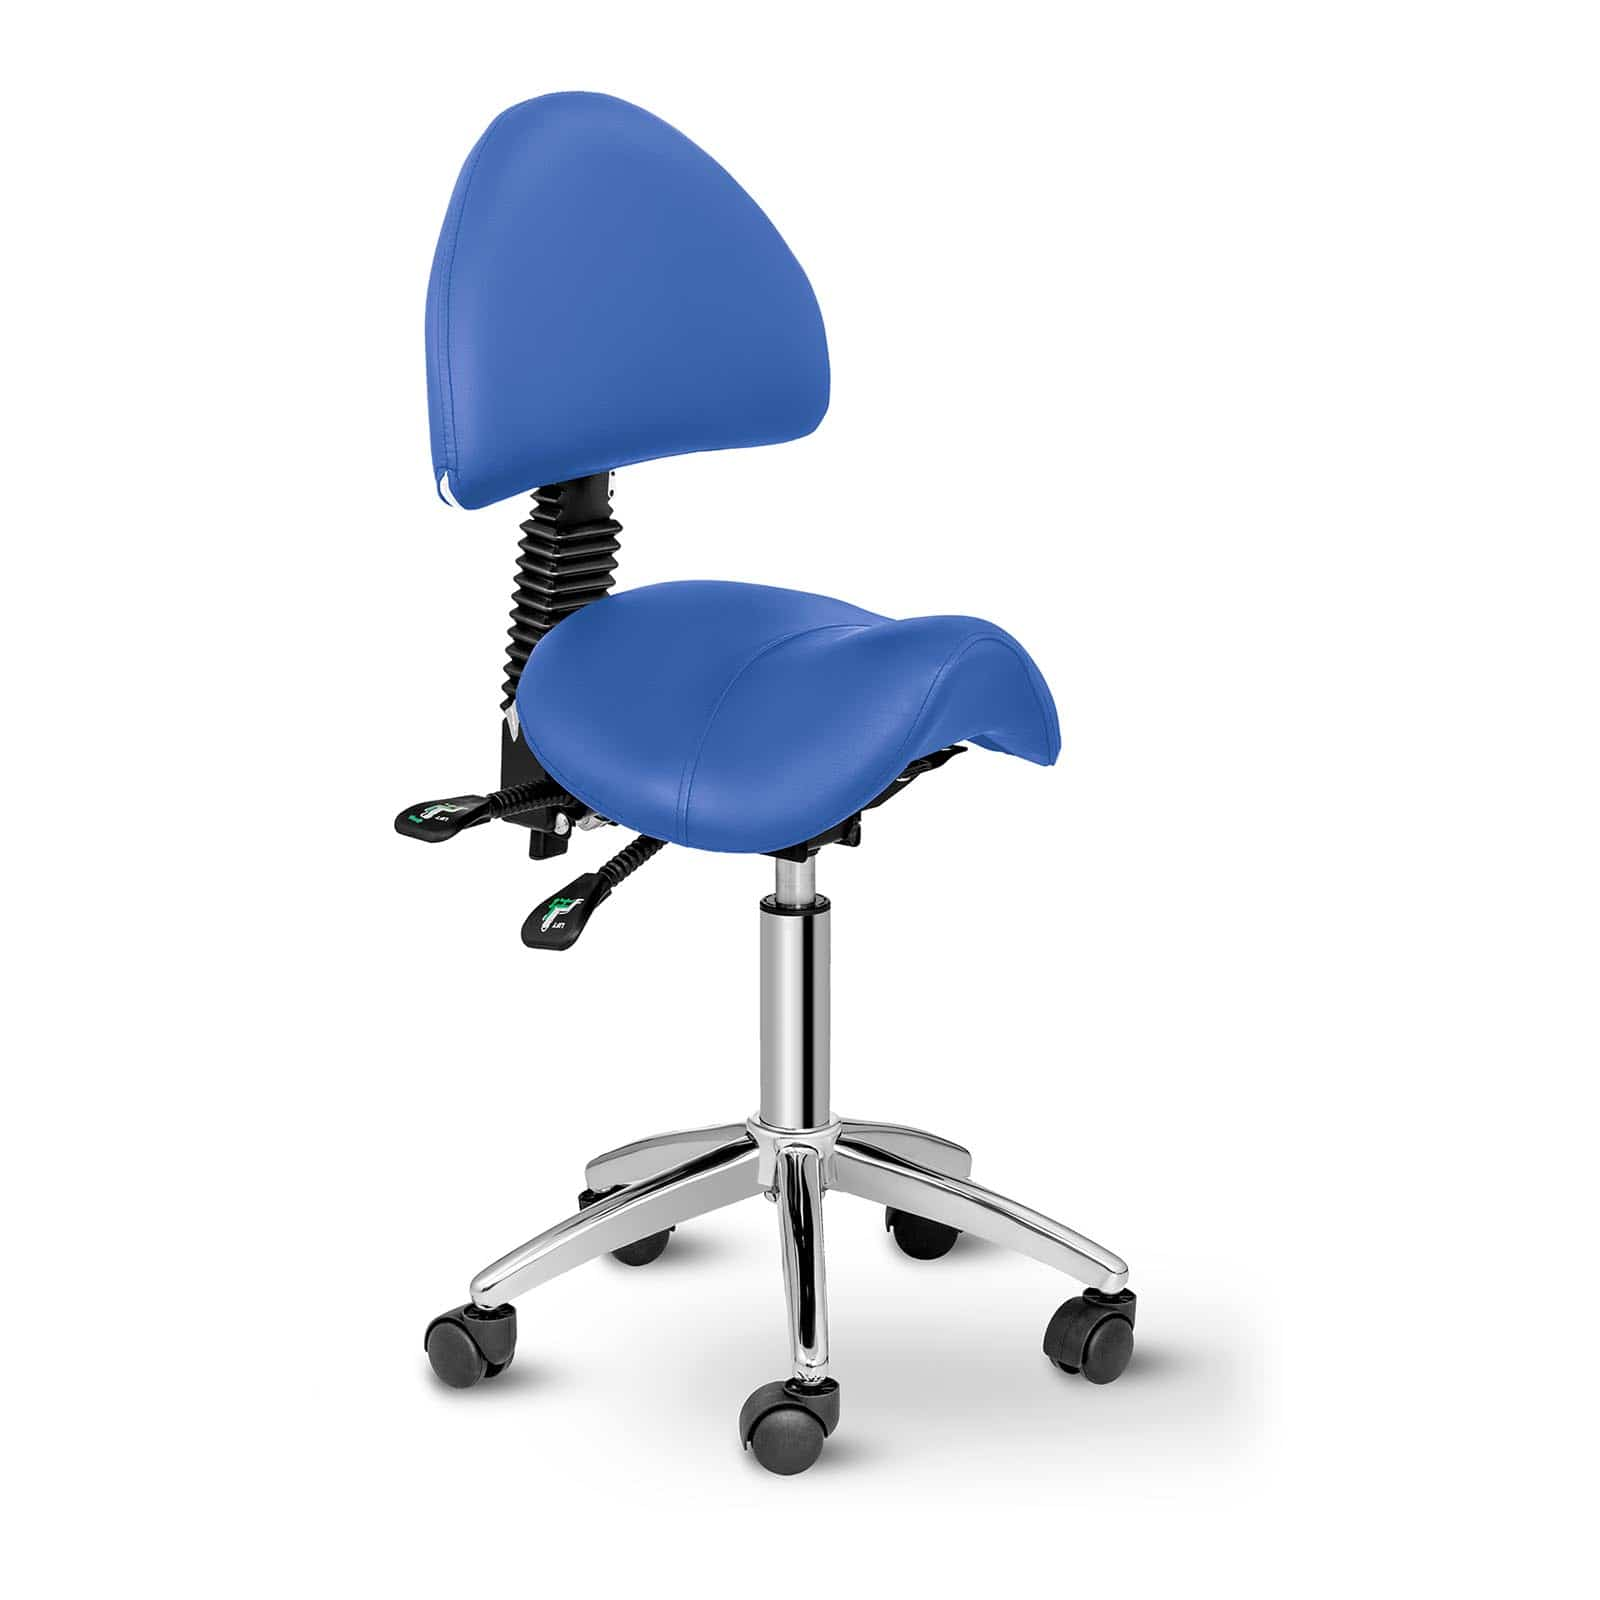 Krzesło siodłowe Berlin - niebieskie - oparcie